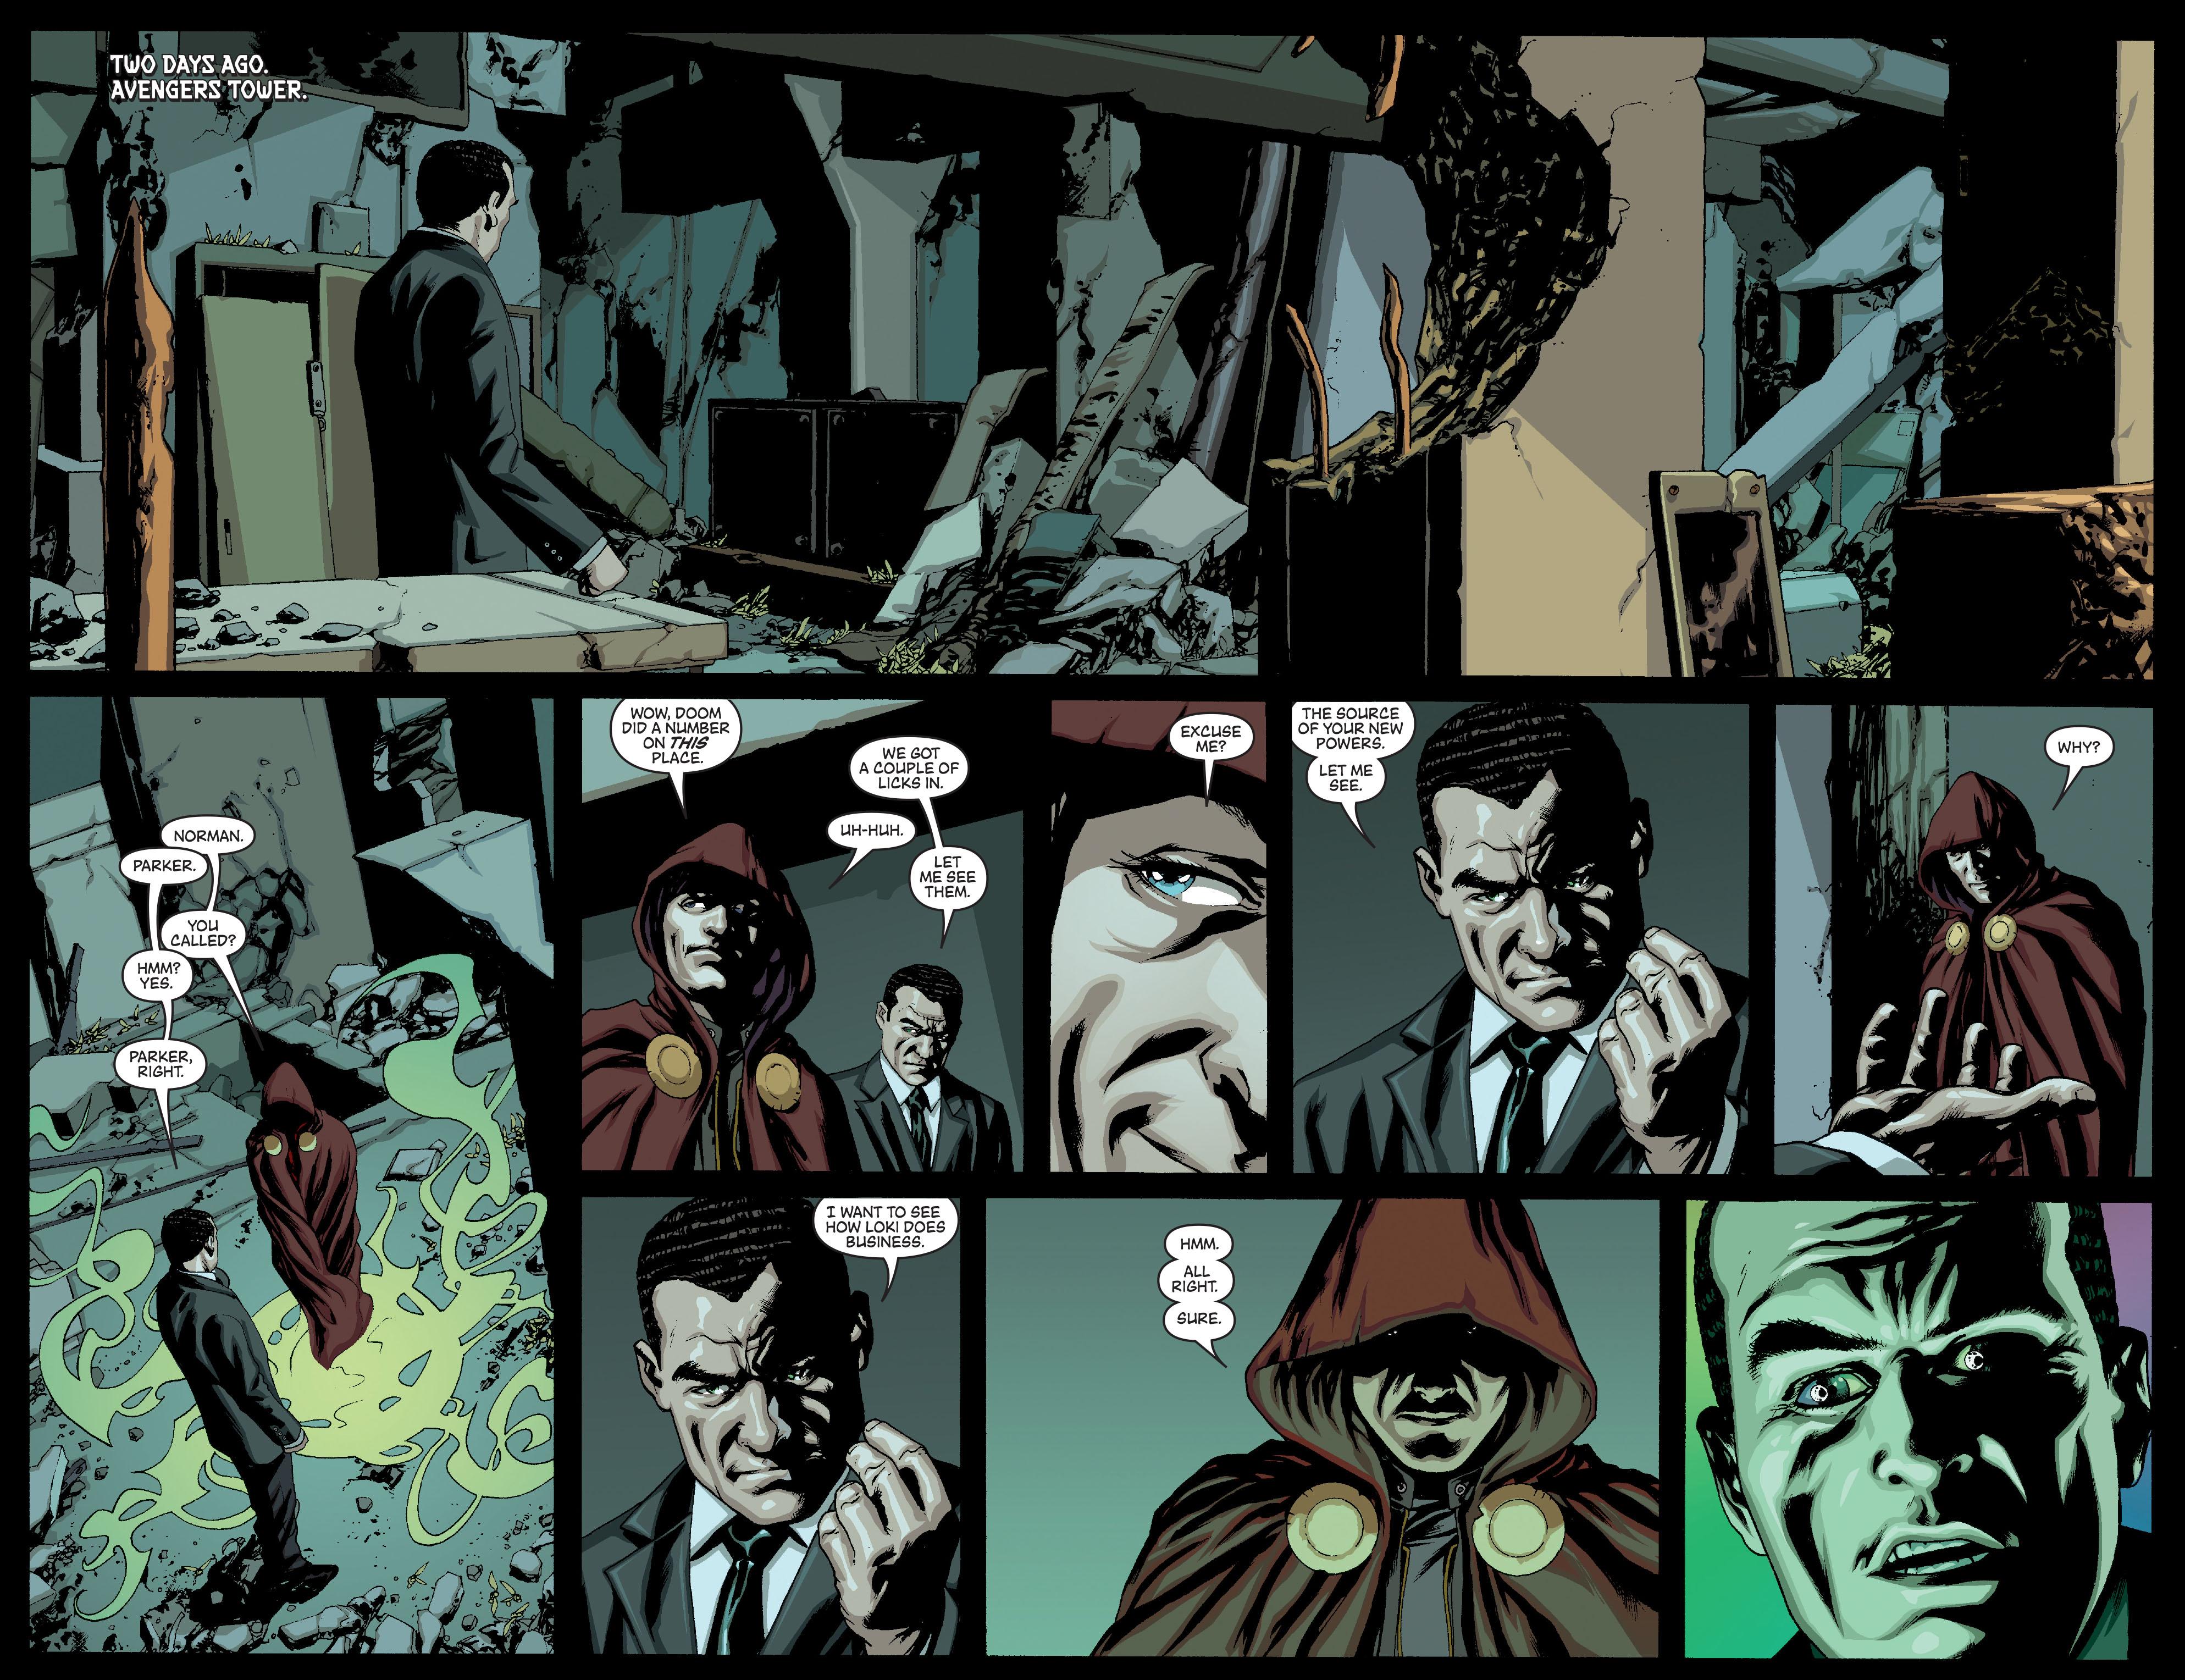 New Avengers (2005) chap 64 pic 3